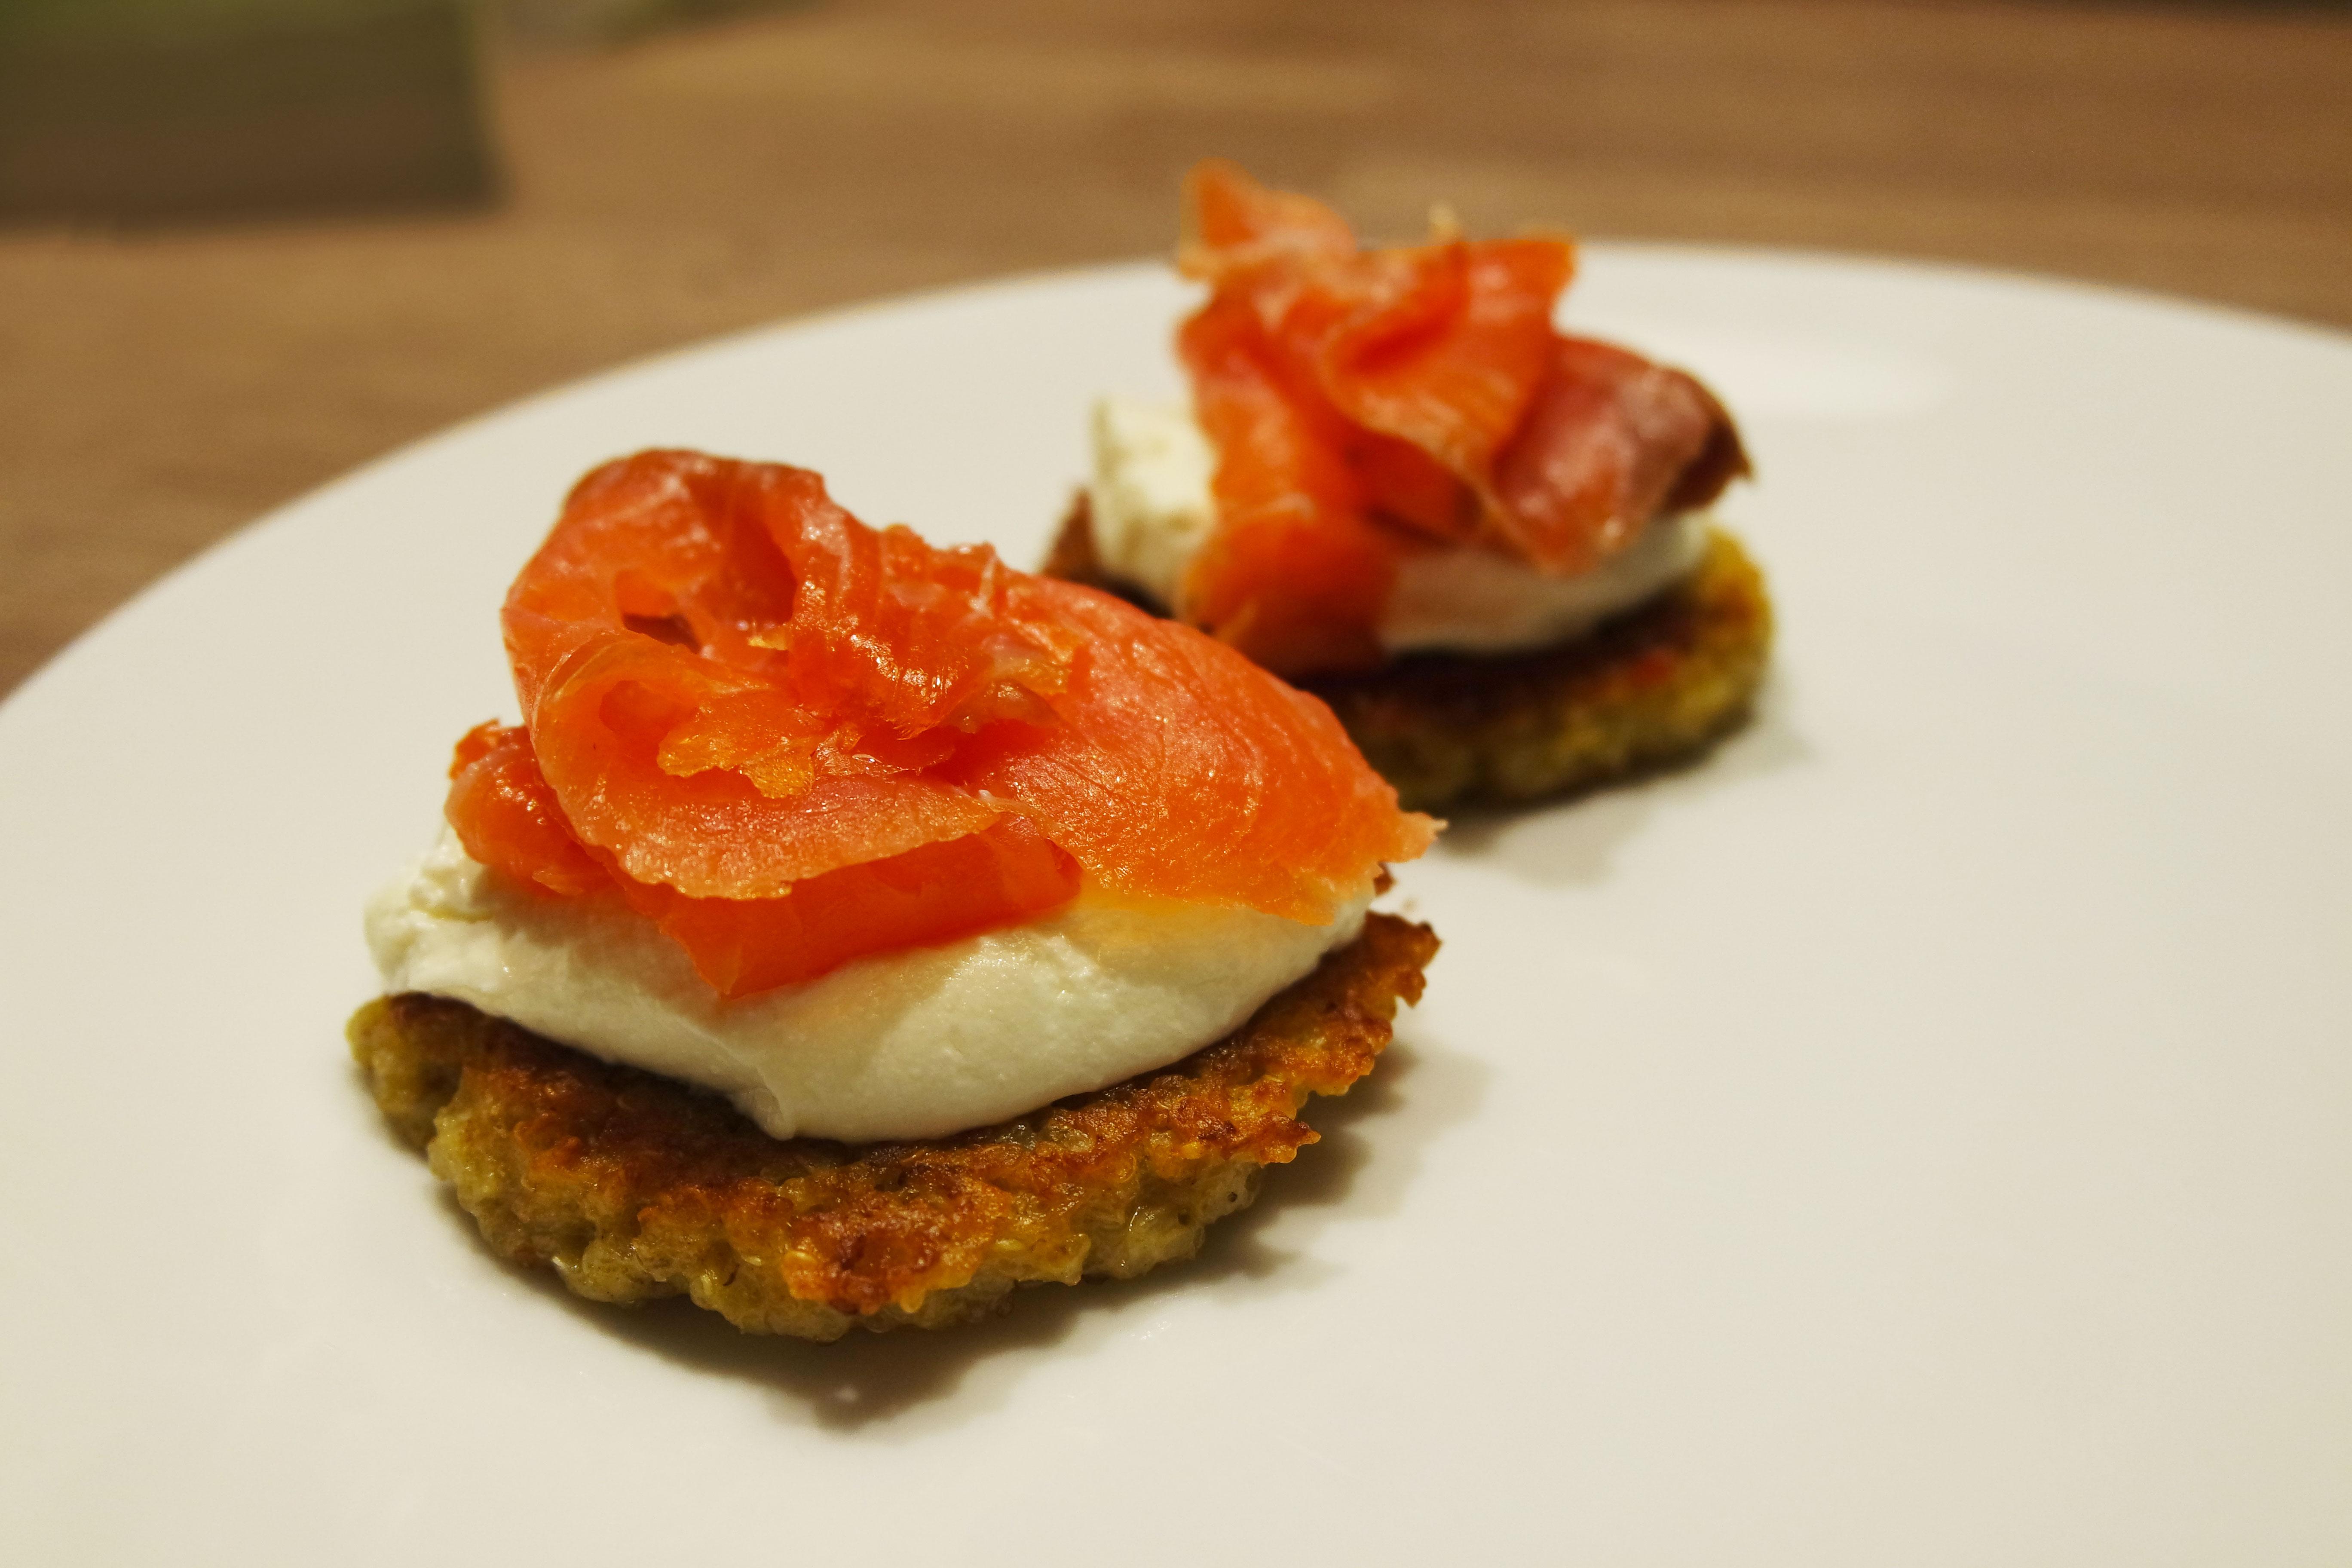 recette-facile-galette-quinoa-light-rapide-saumon-philadelphia-régime-blog-belge-idées-brunch-lunch